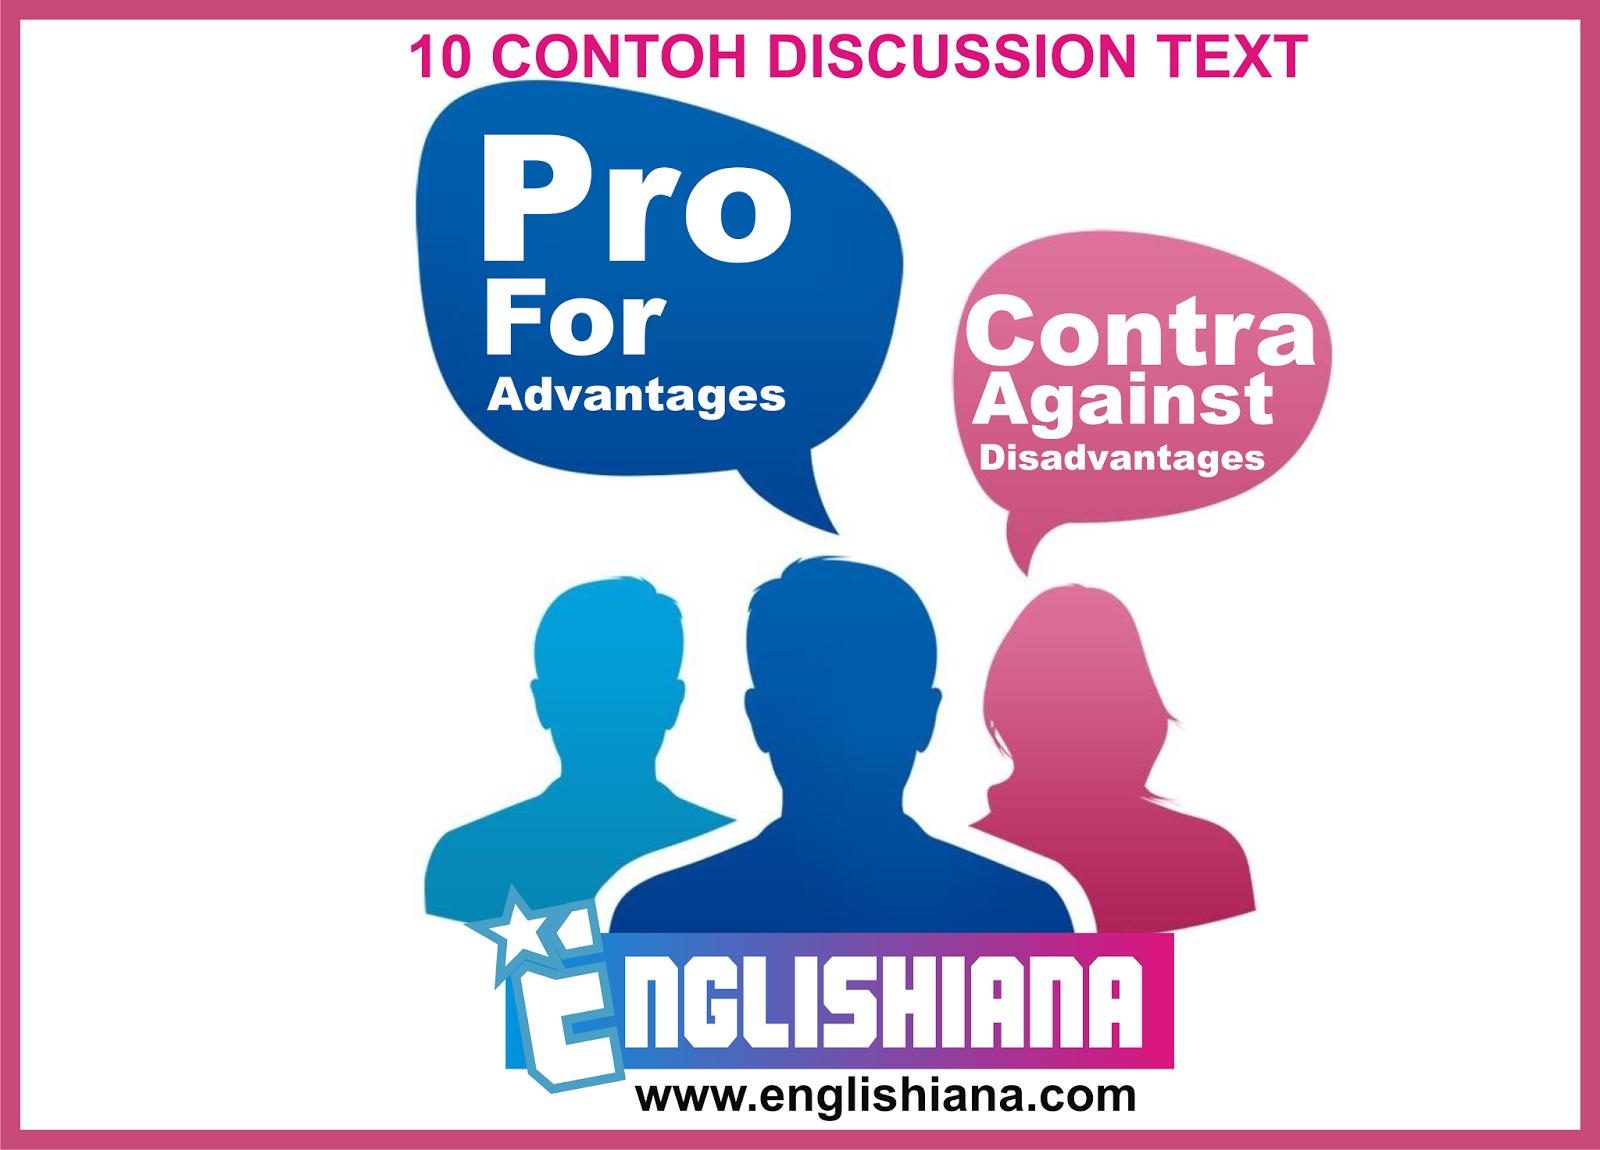 10 Contoh Discussion Text Dalam Bahasa Inggris Dan Terjemahannya